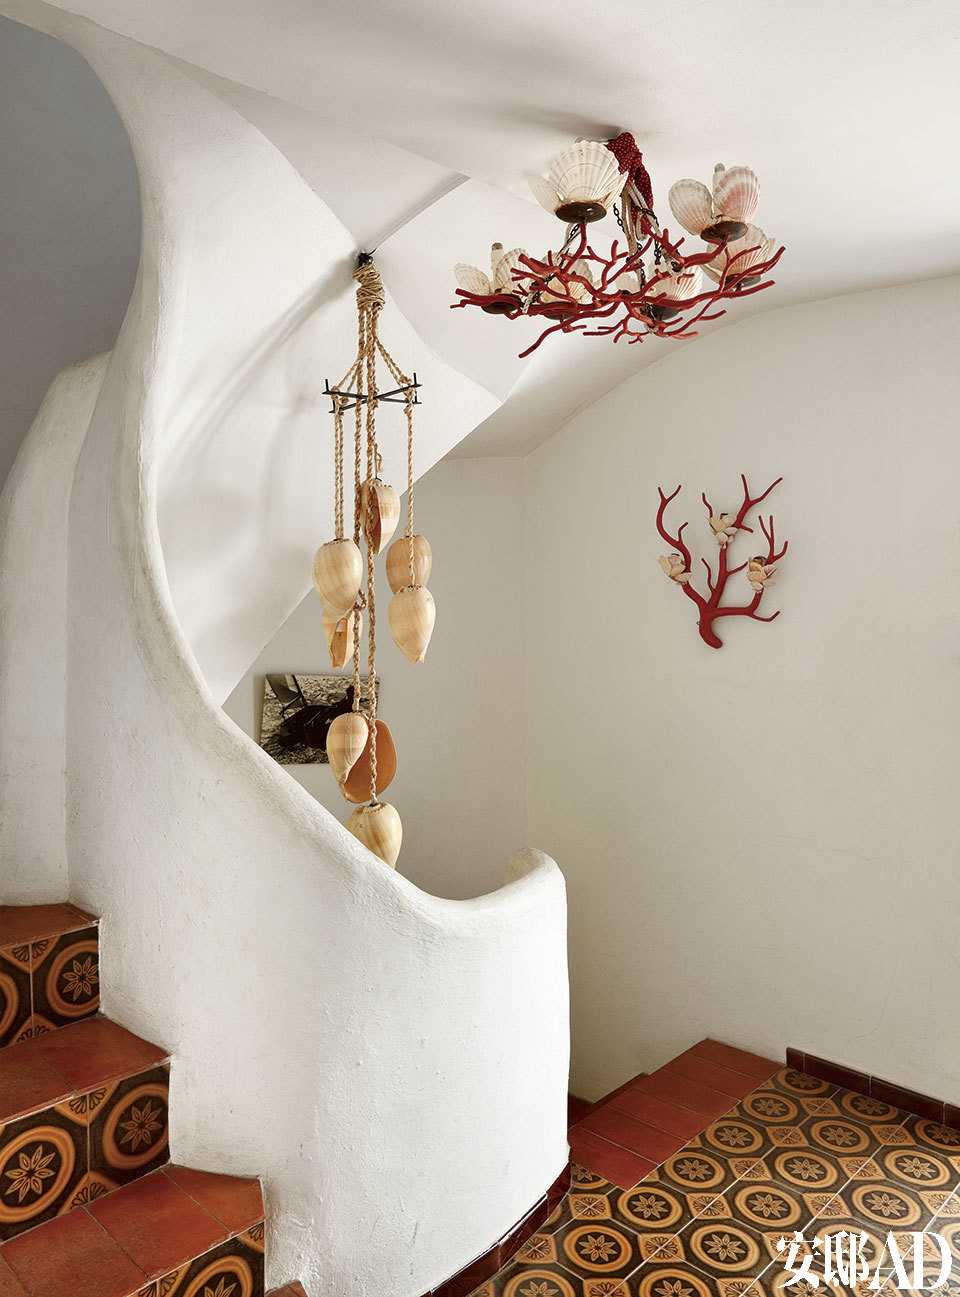 一座房子里一处旋梯的细节,小和窄恰到好处。